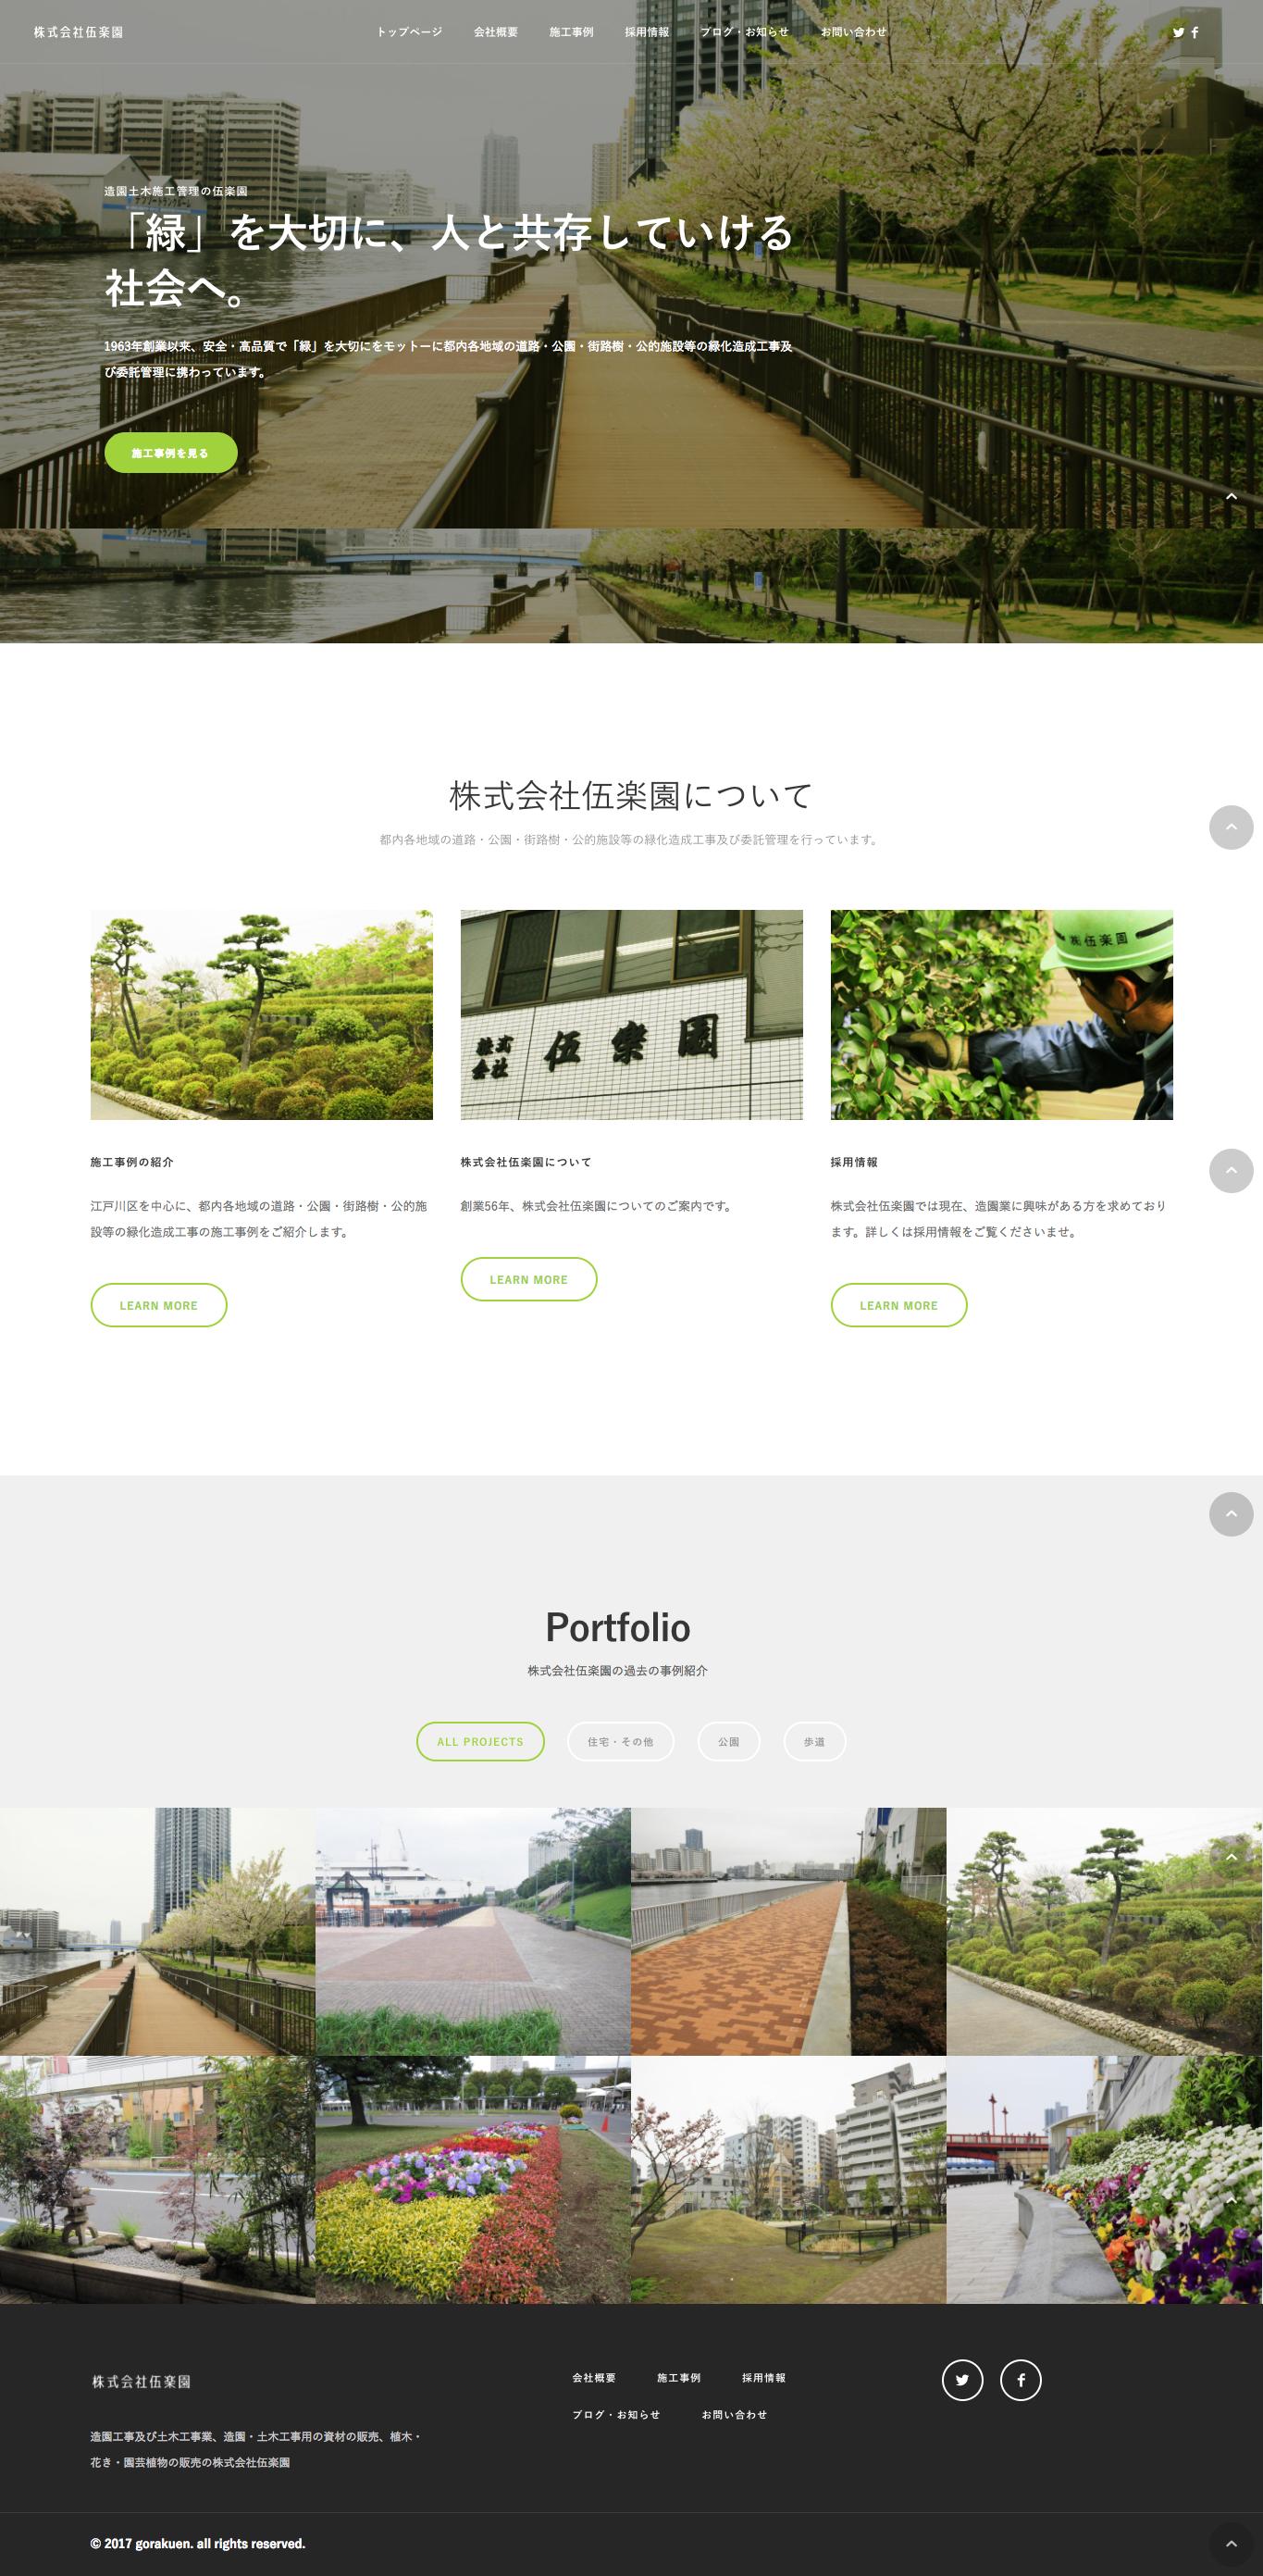 ウェブサイトを公開しました。